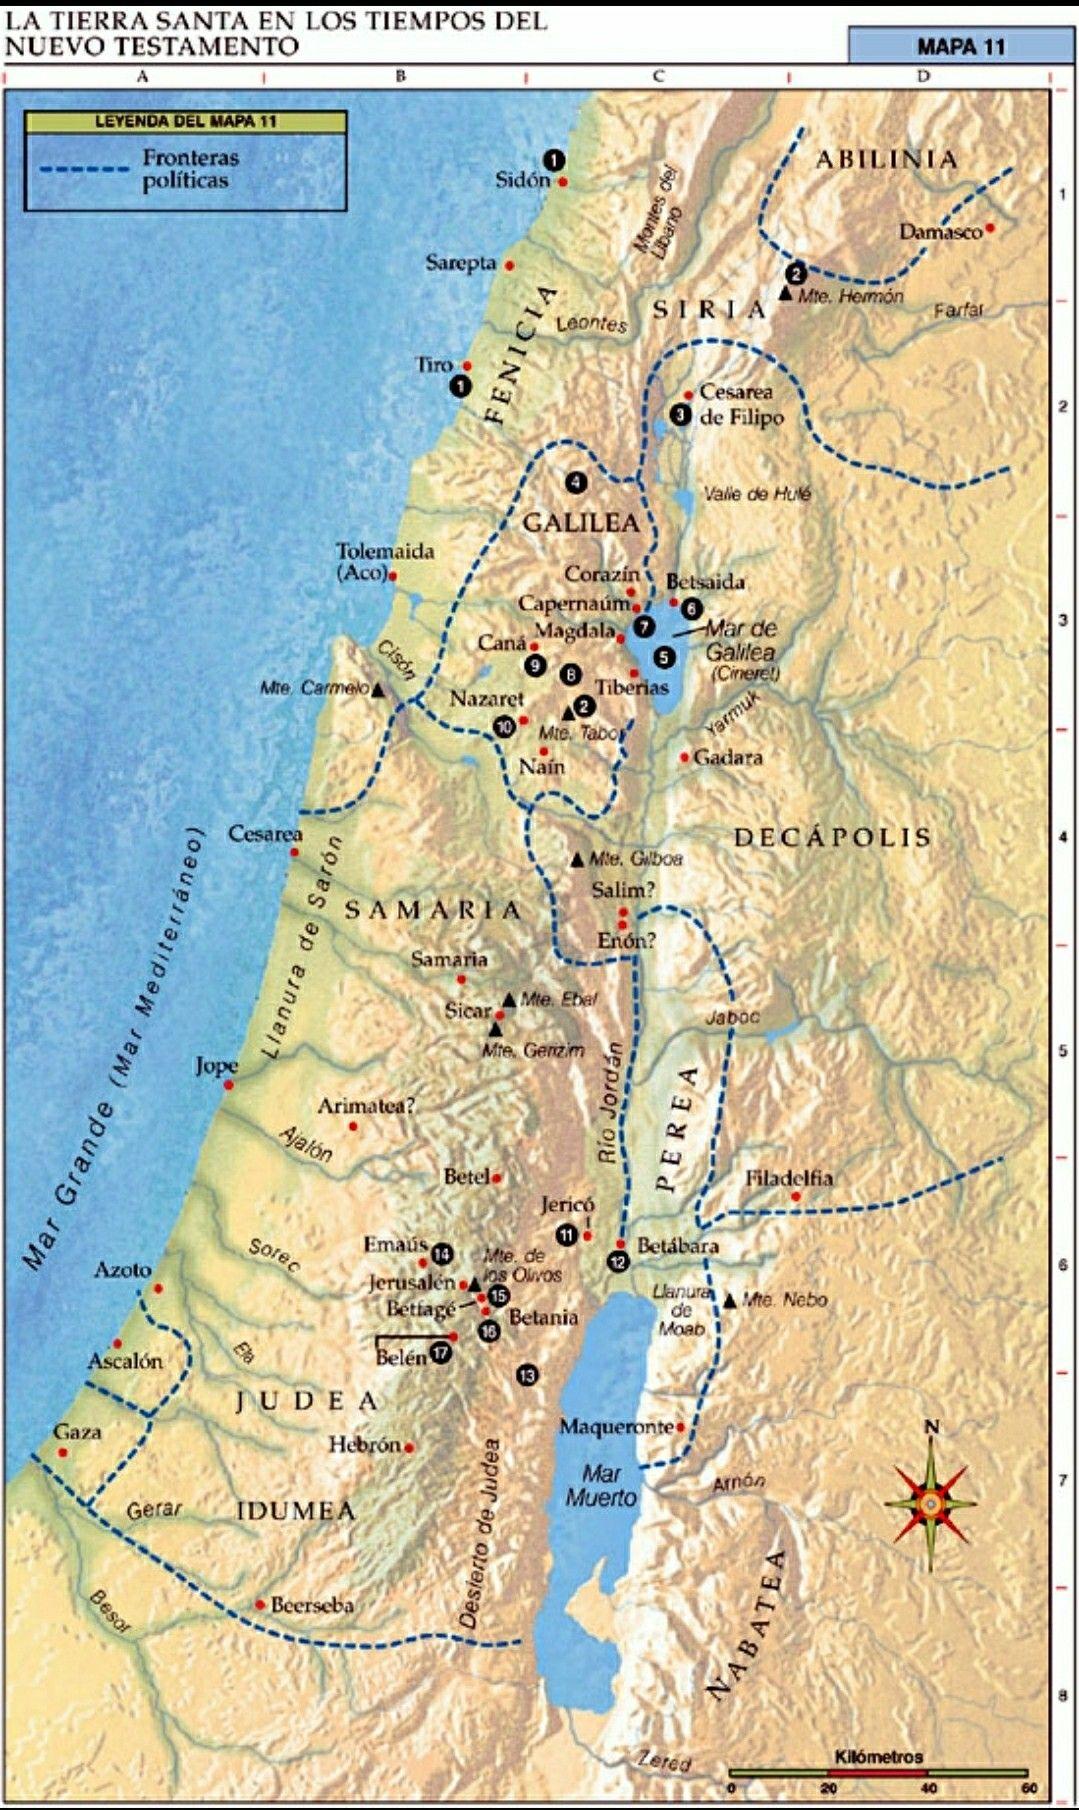 Tierra Santa En Tiempos Del Nuevo Testamento Mapa De La Tierra Tierra Santa Bíblicos